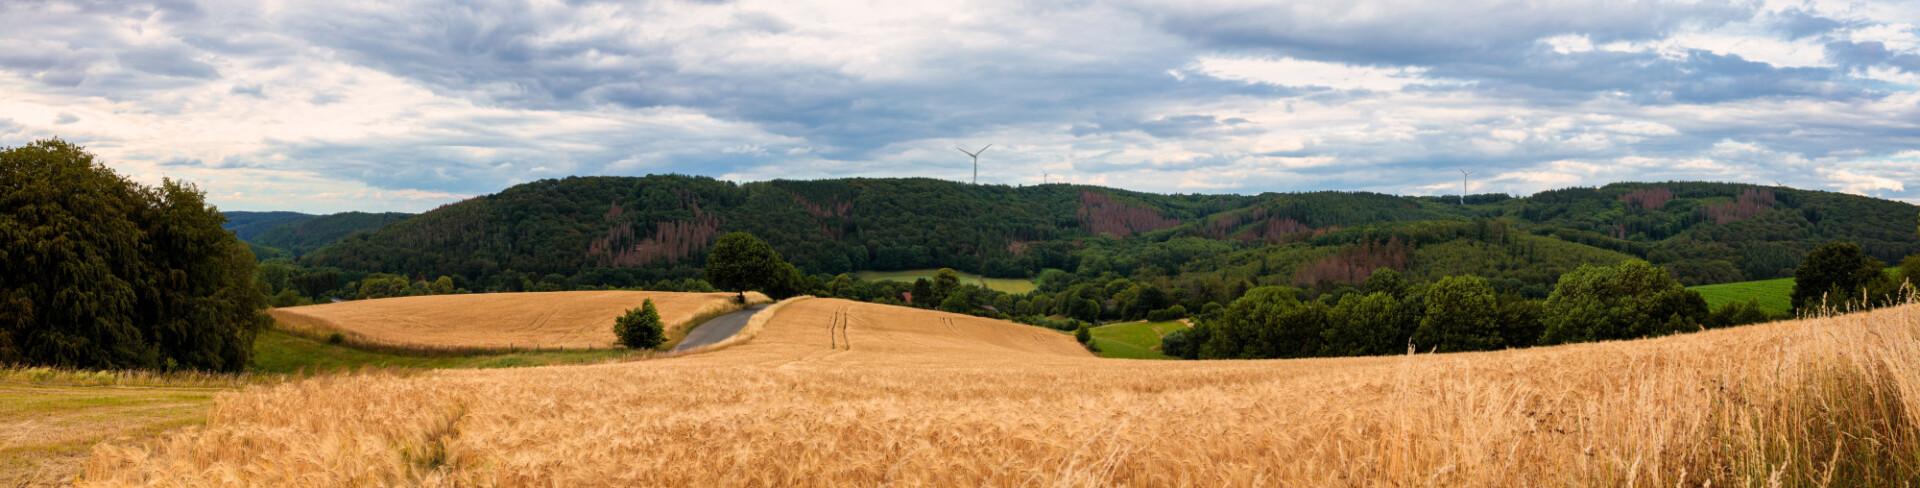 German wheat field